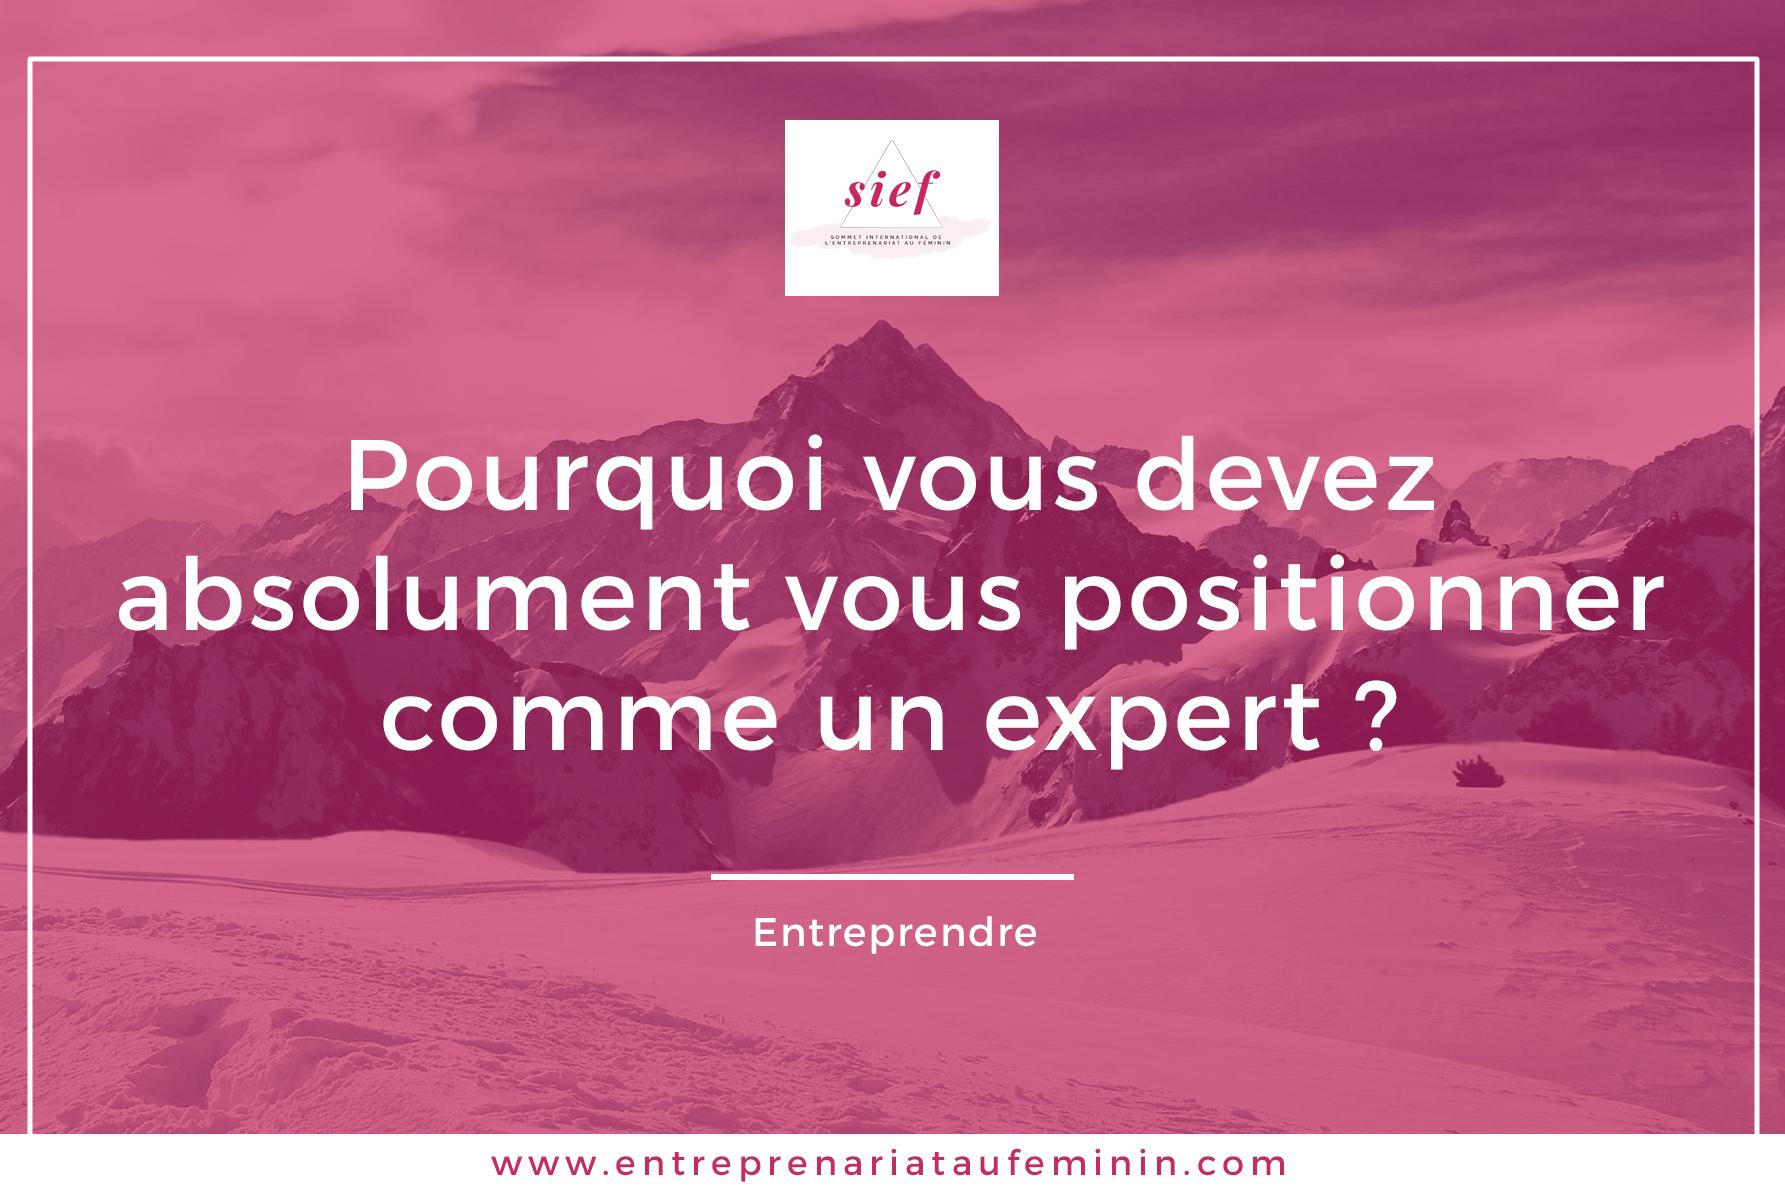 entreprendre_positionner_expert